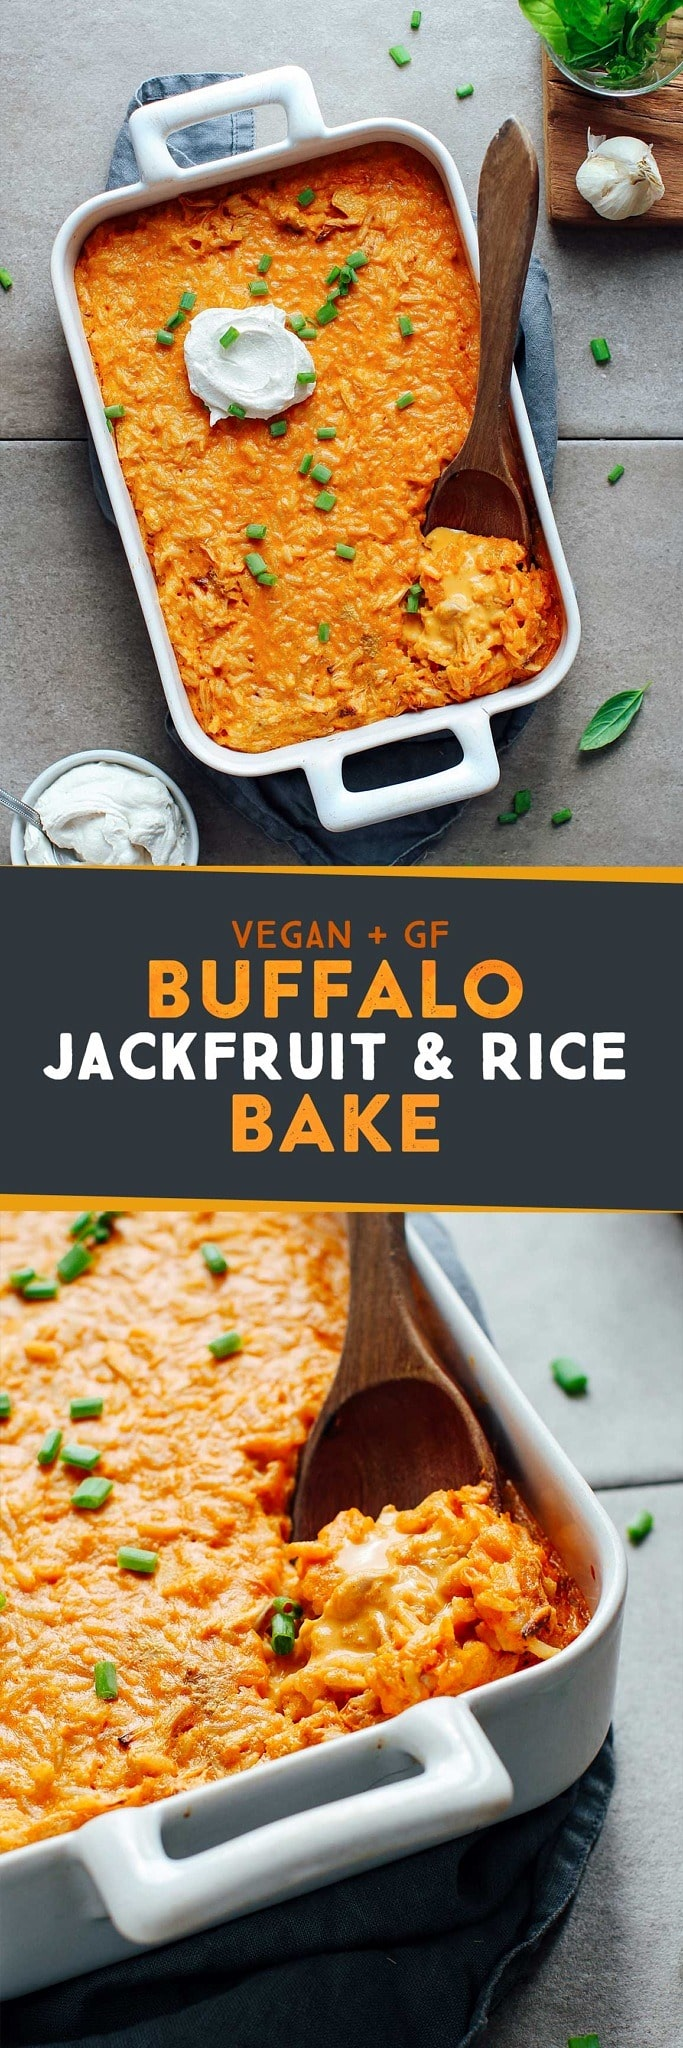 Buffalo Jackfruit & Rice Bake